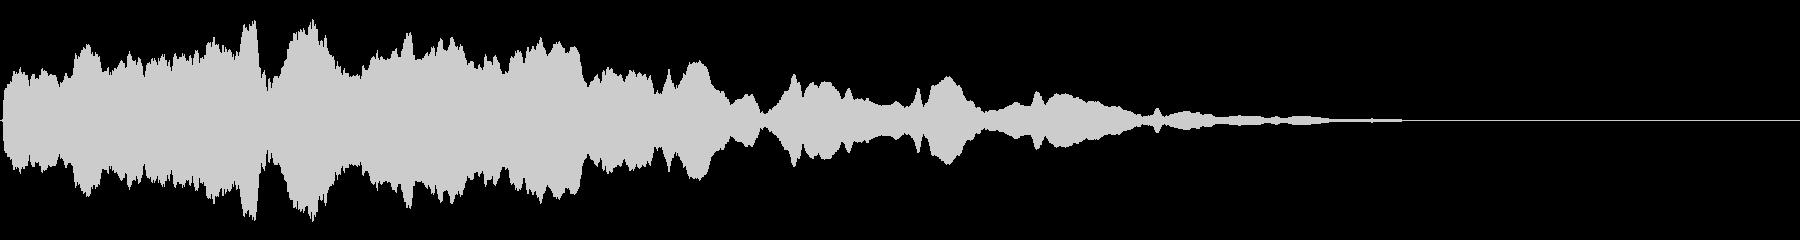 スライド笛/落下/下手っぴ/カートゥーンの未再生の波形